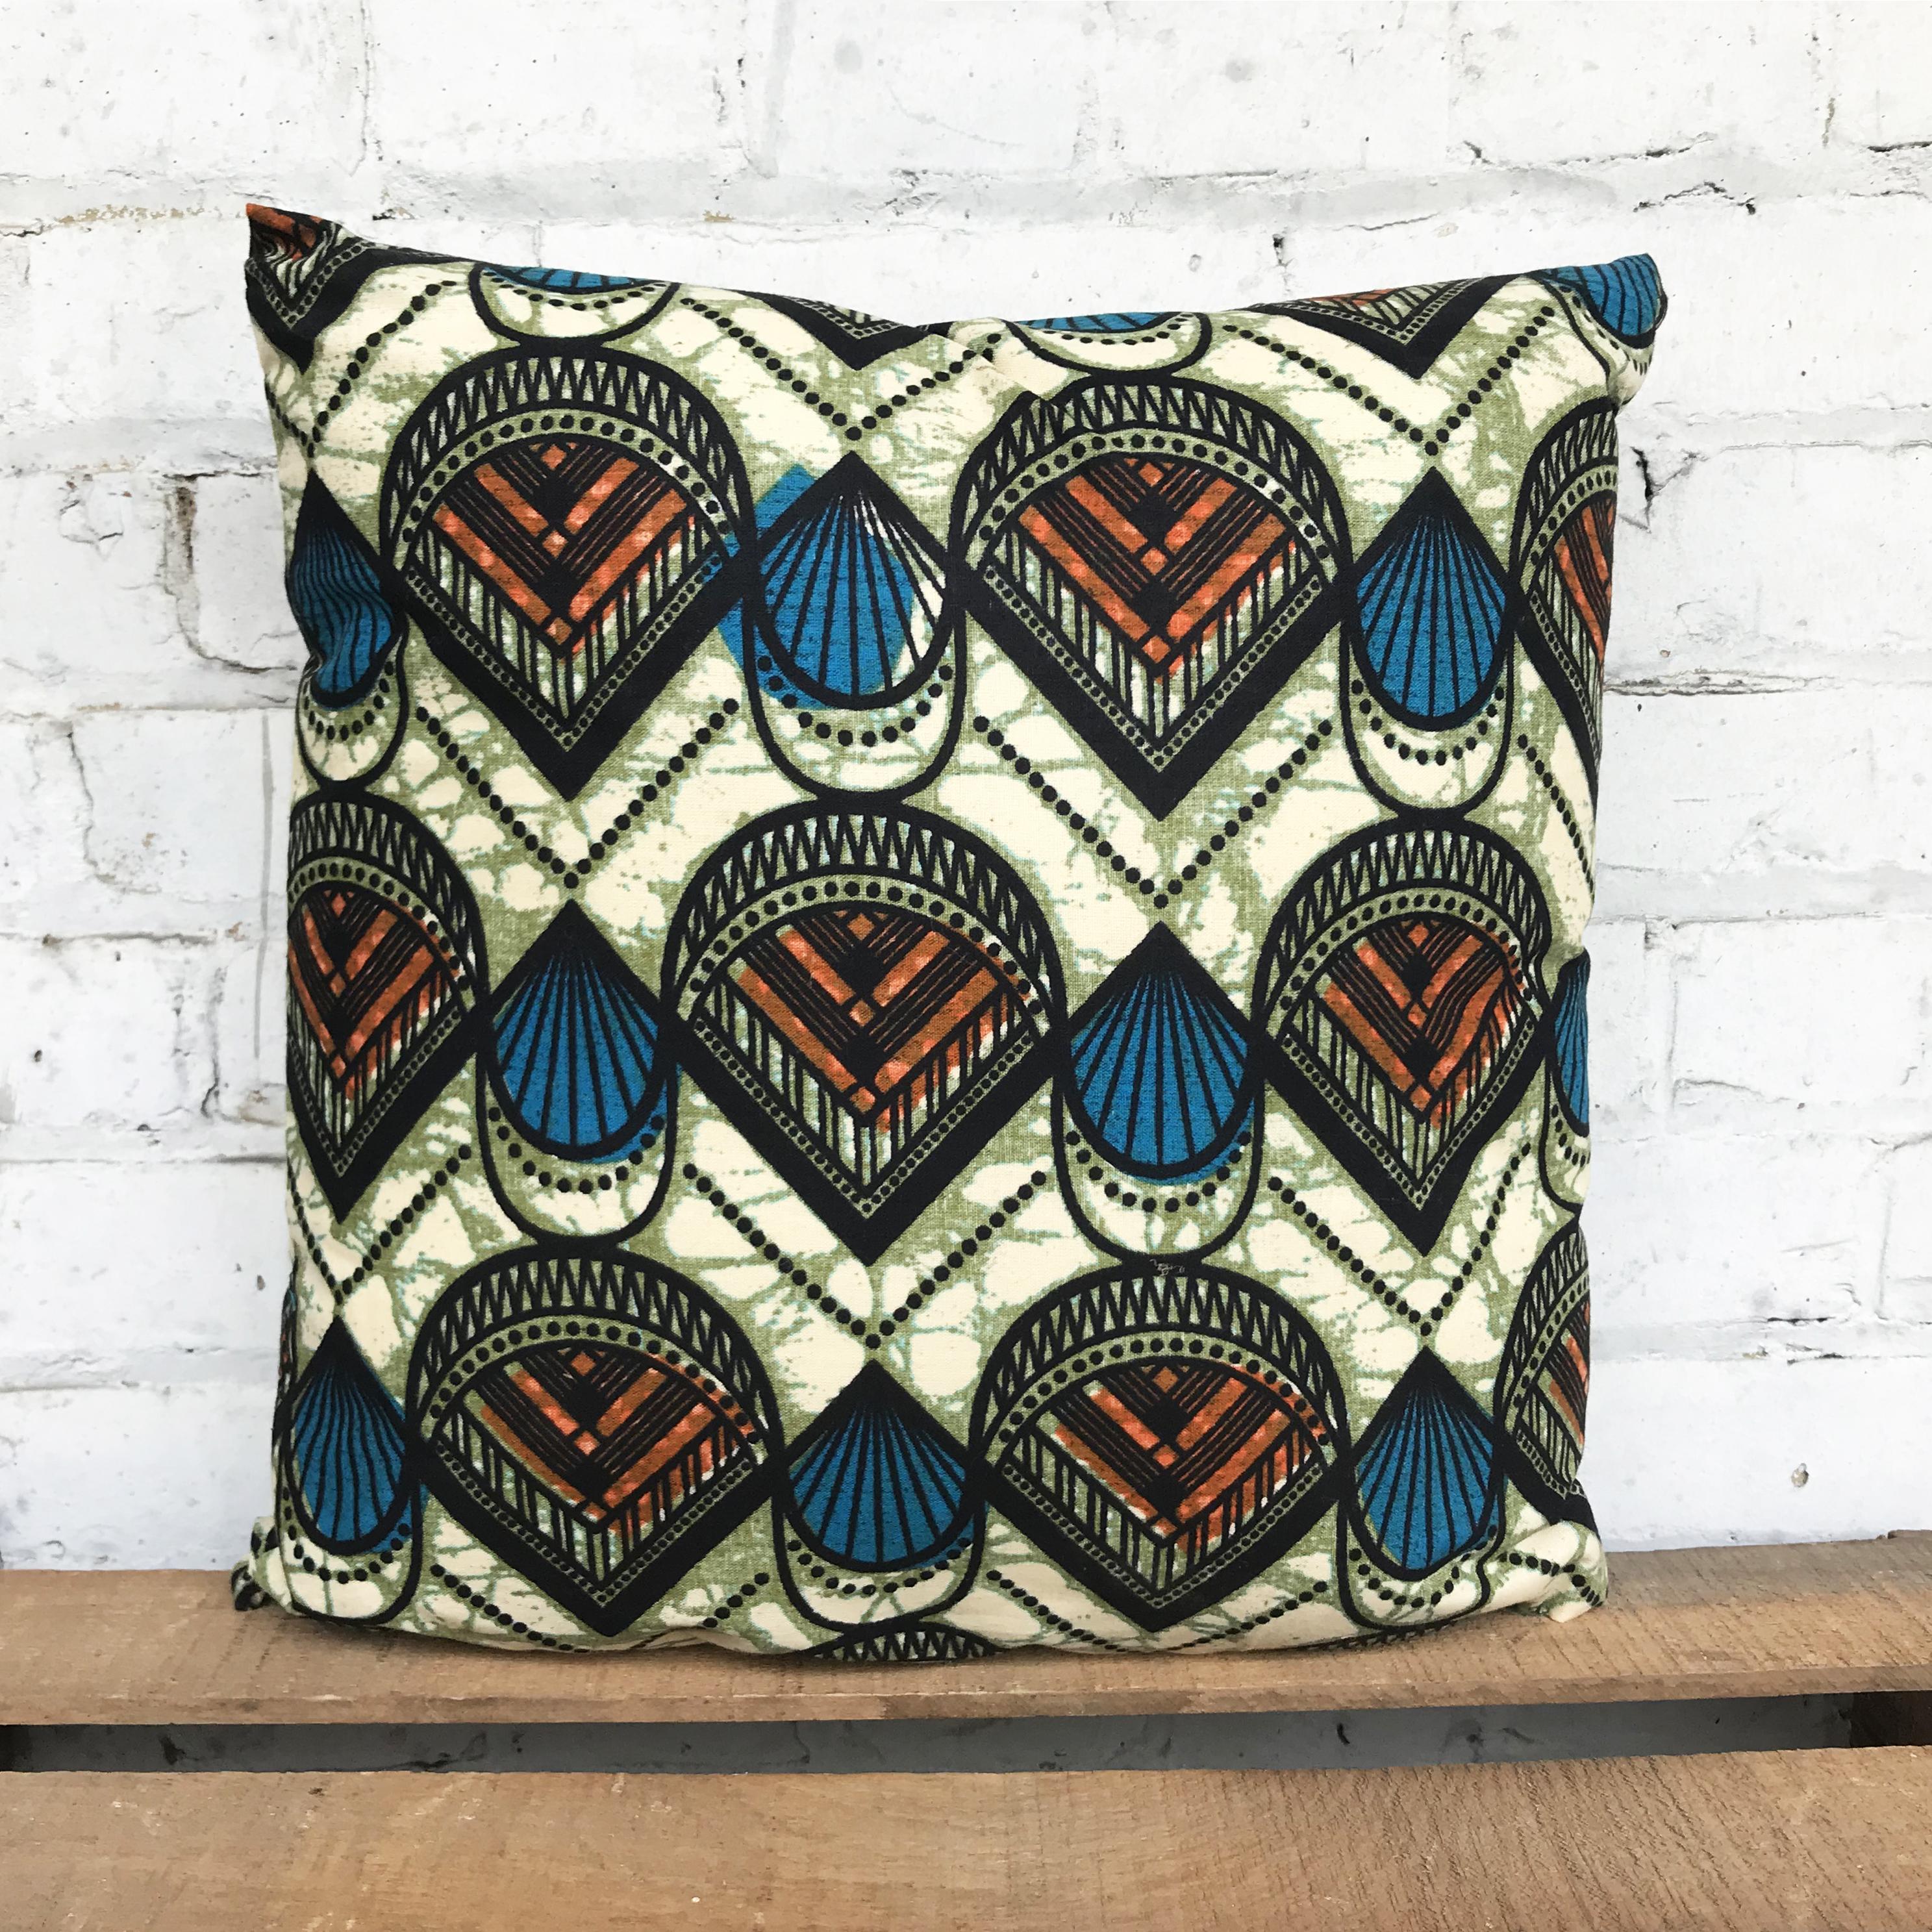 Dutch Wax pillow made in buffalo